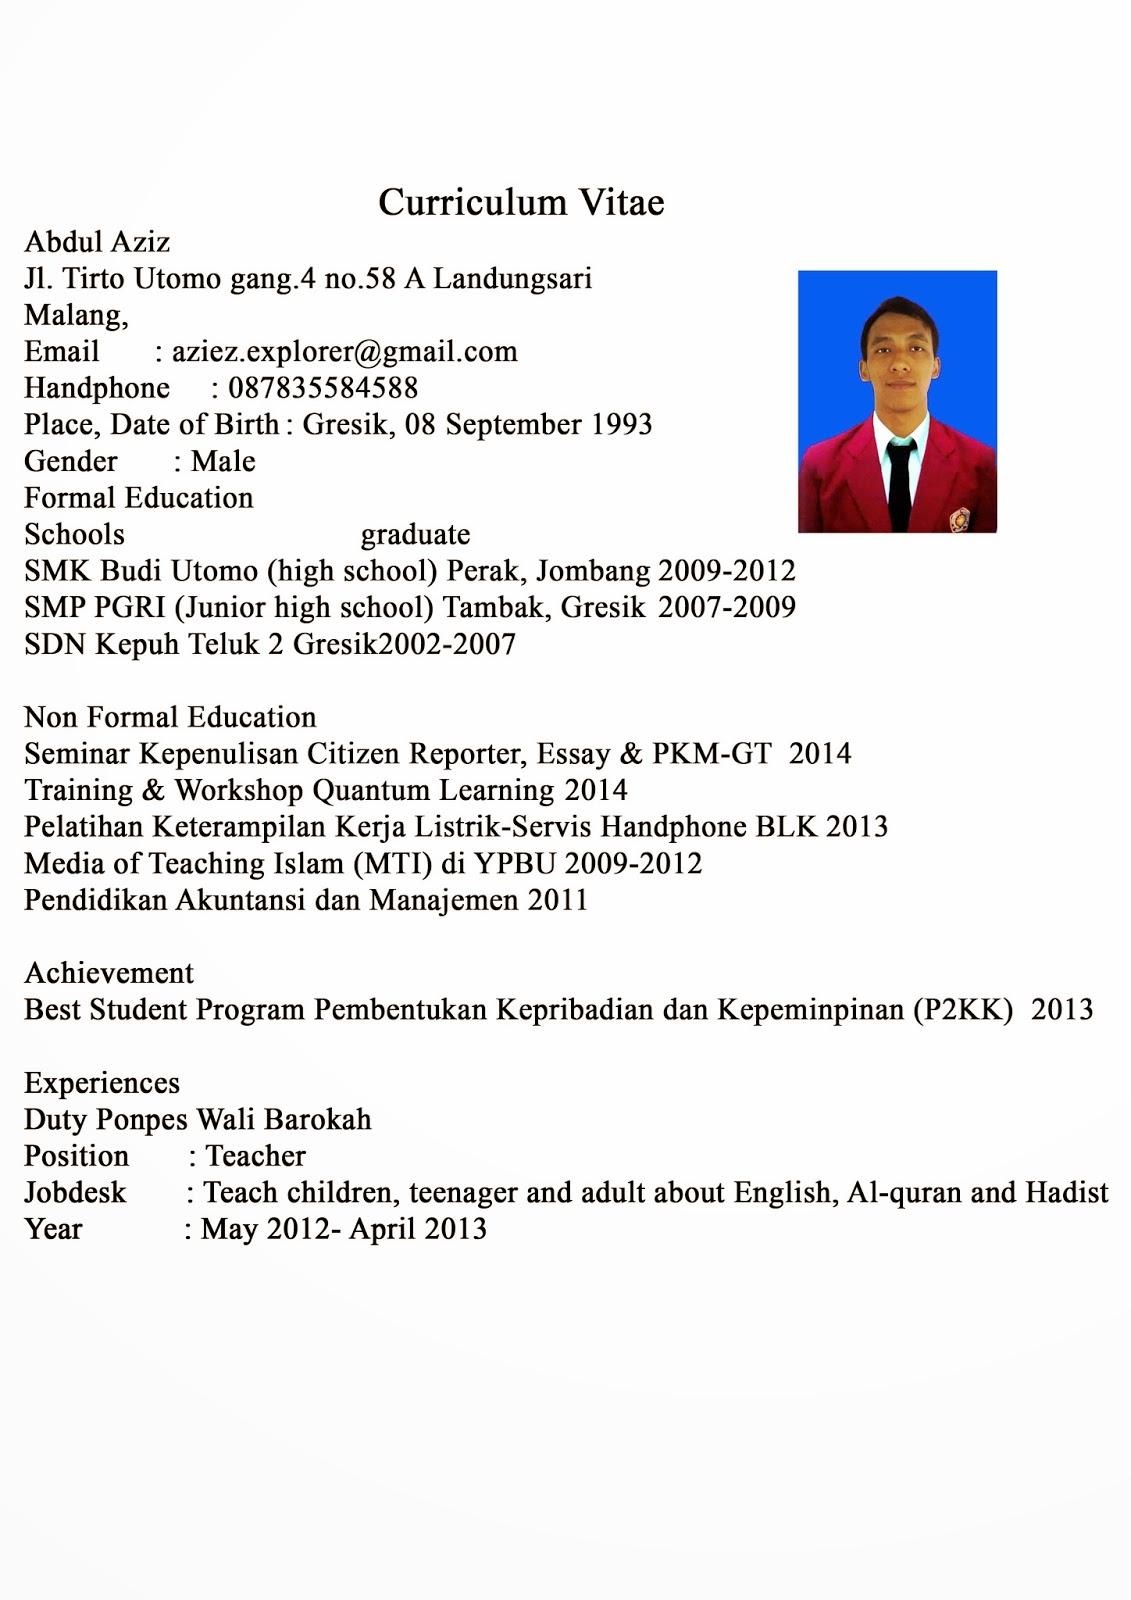 Job Application Letter Adalah Sample Invitation Letter Uk Embassy